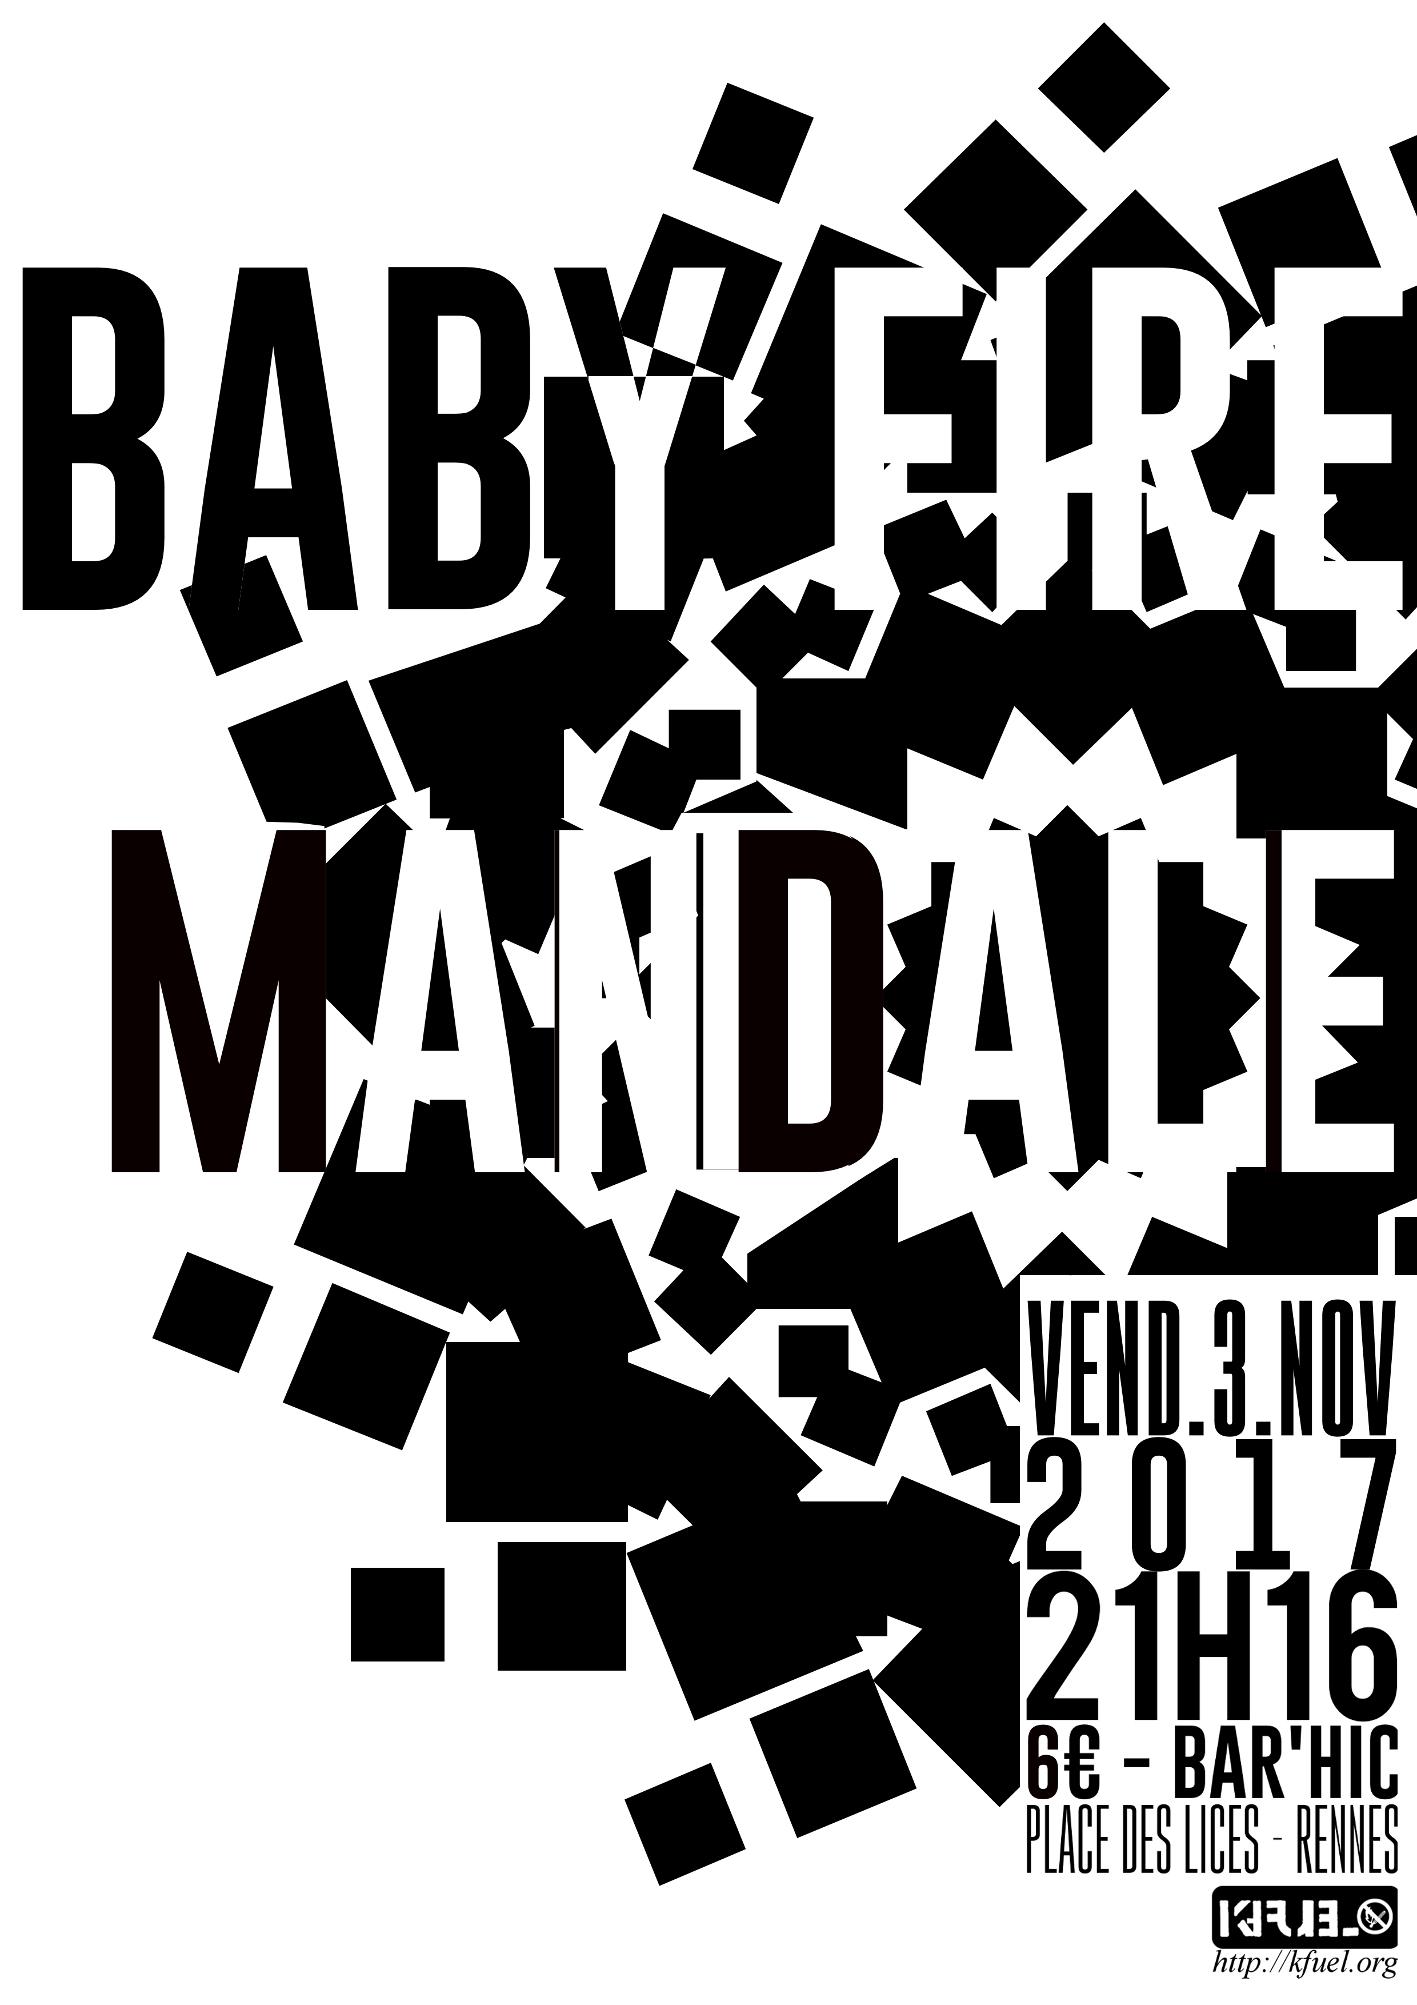 webBABYFIRE_MANDALE